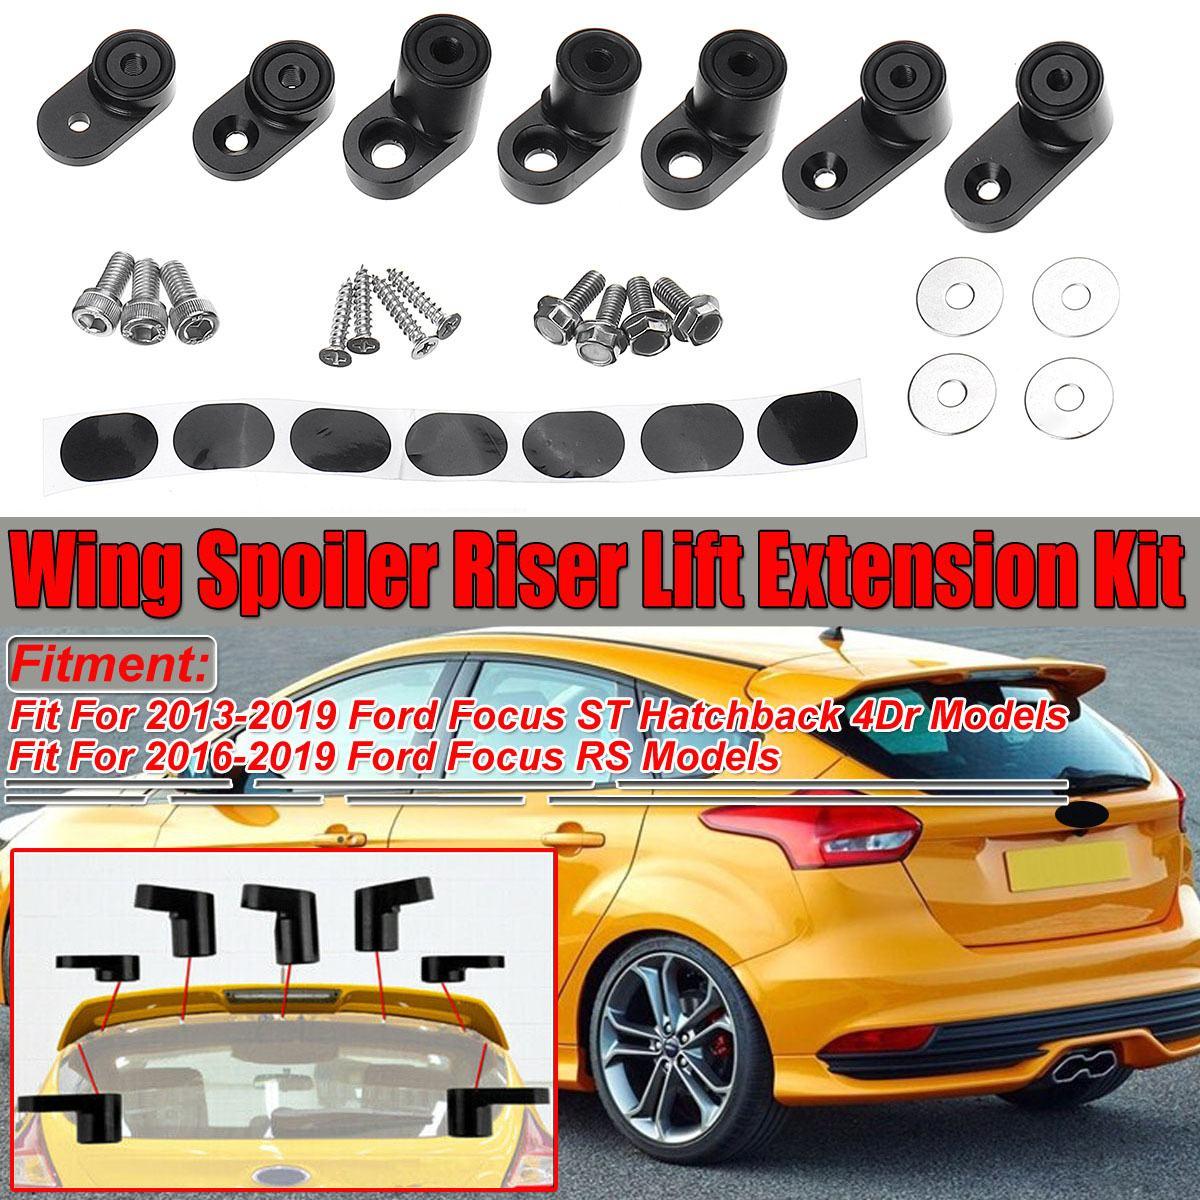 Черный/серебристый автомобиль спойлер заднего багажника, крыла Riser Лифт удлинитель комплект для Ford Focus ST хэтчбек 4Dr 2013-2019 RS 2016-2019